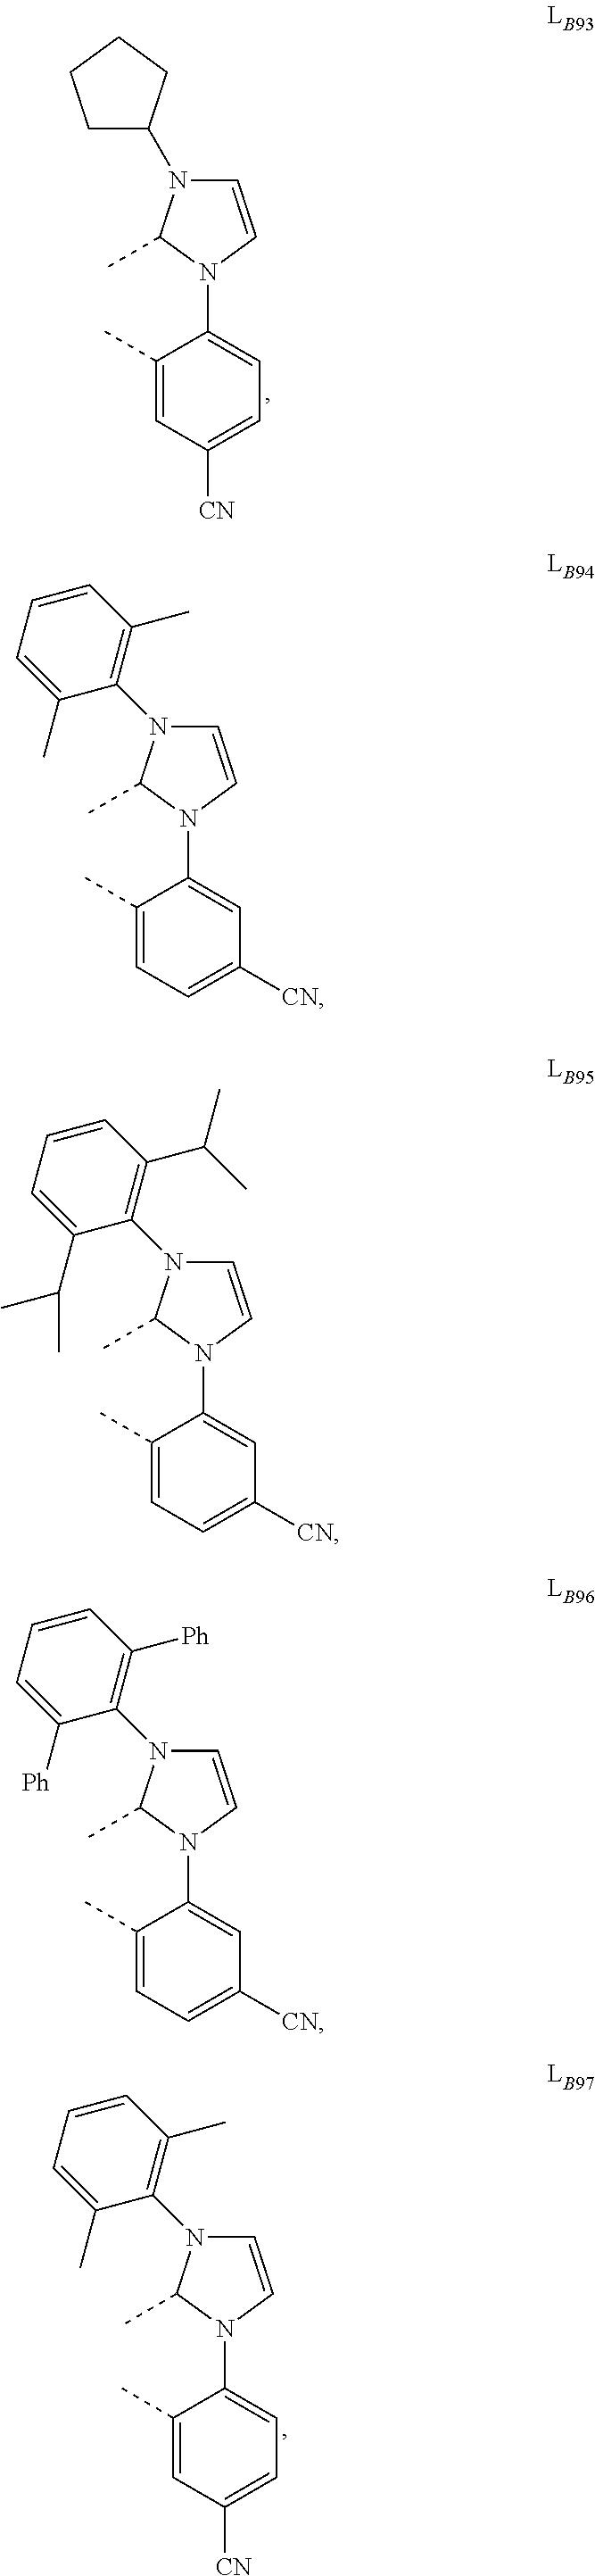 Figure US09905785-20180227-C00518